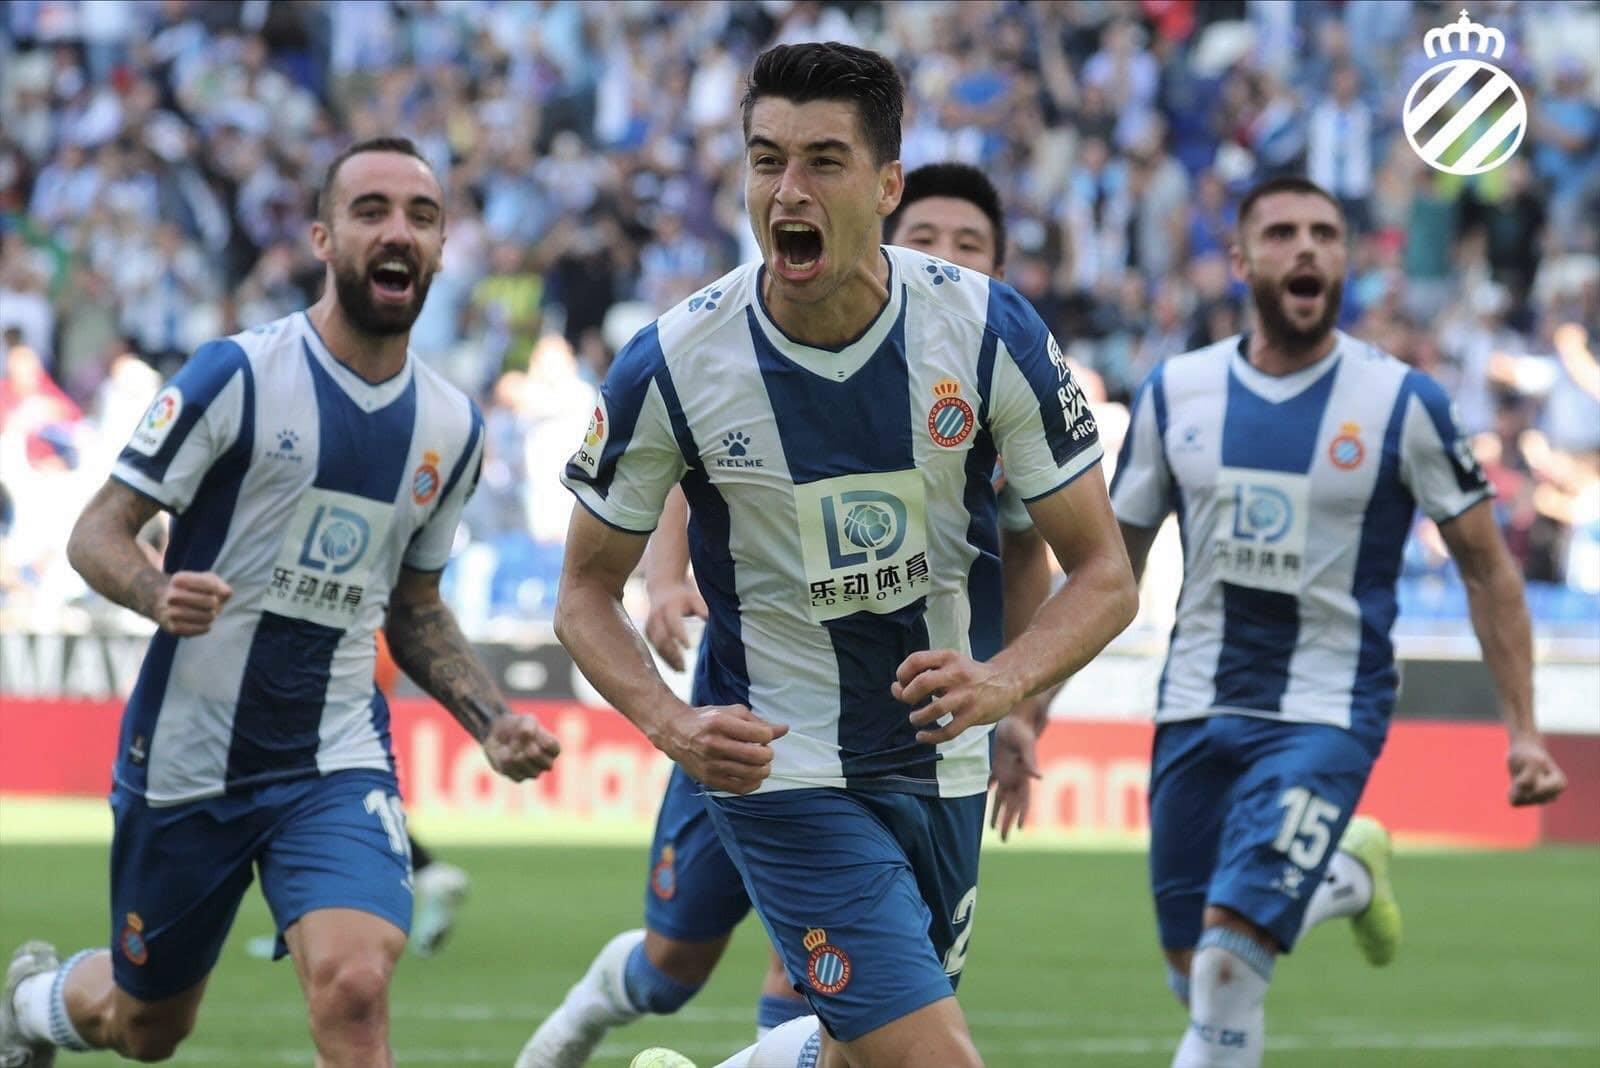 Darder y los jugadores del RCD Espanyol celebran el 1-0 (Foto: @RCDEspanyol - Twitter)